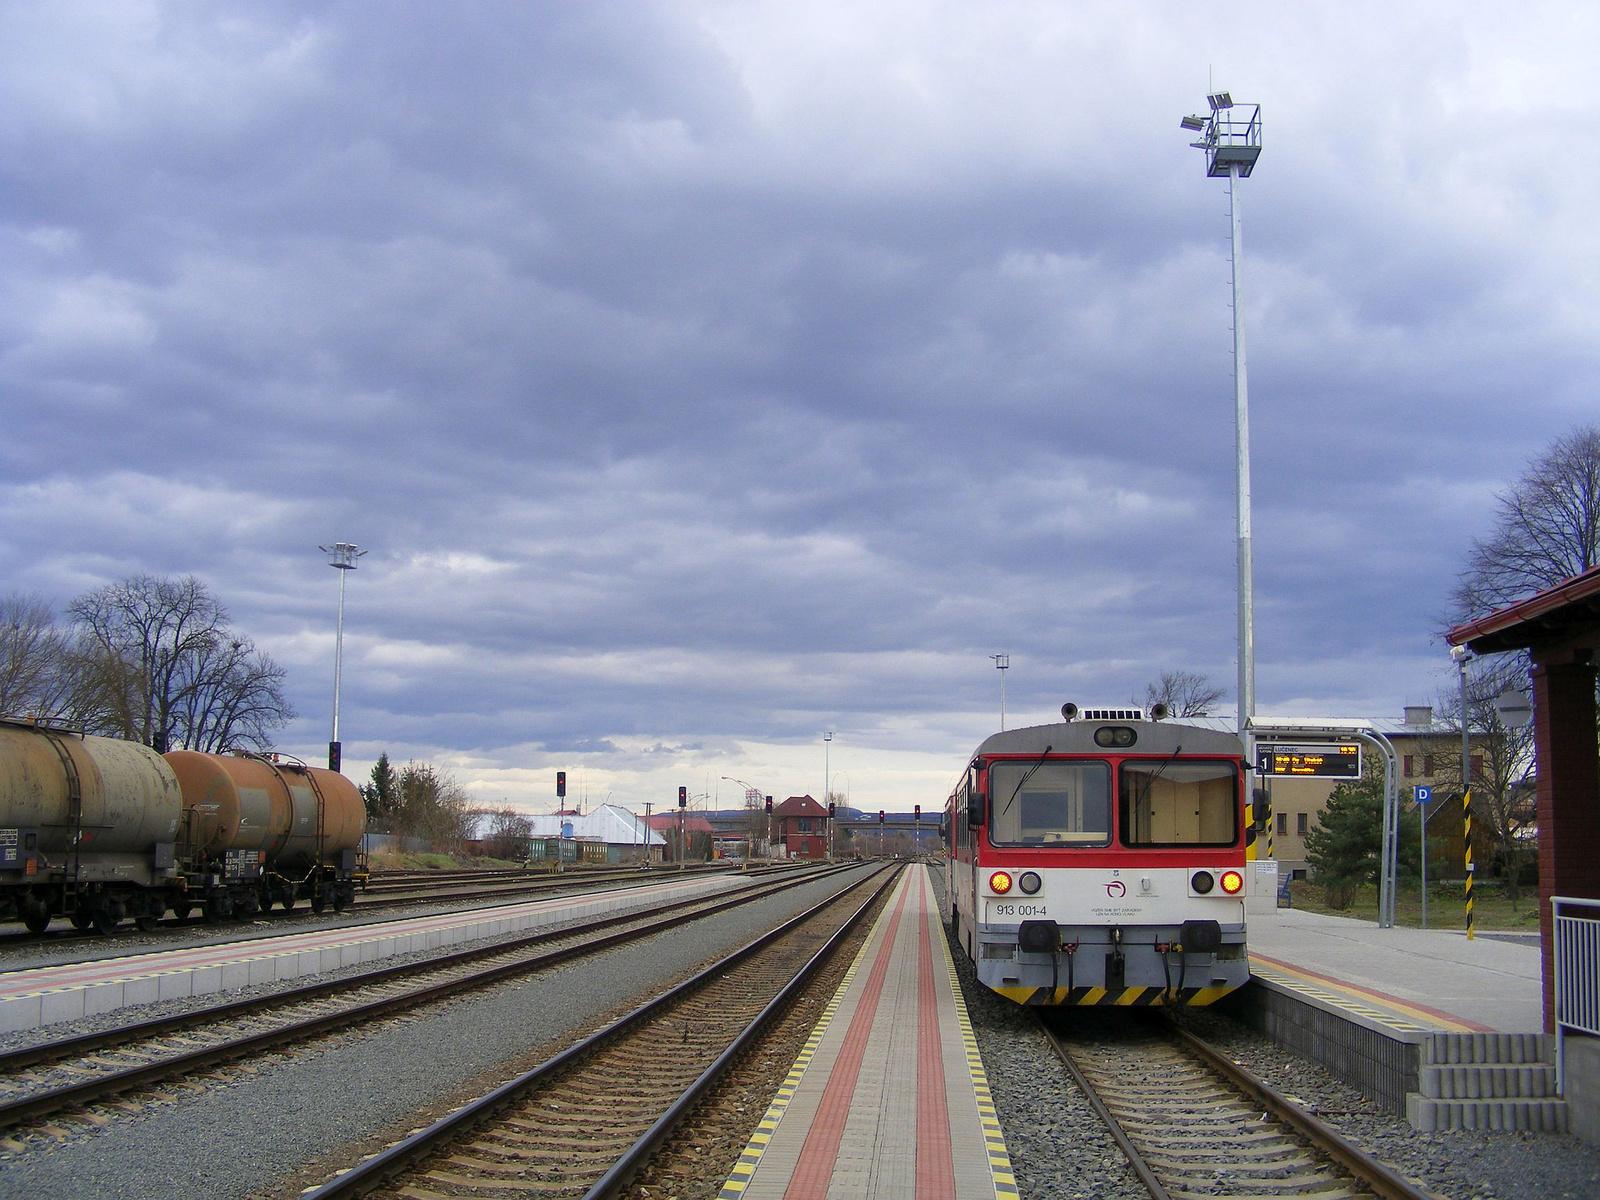 DSCF5949